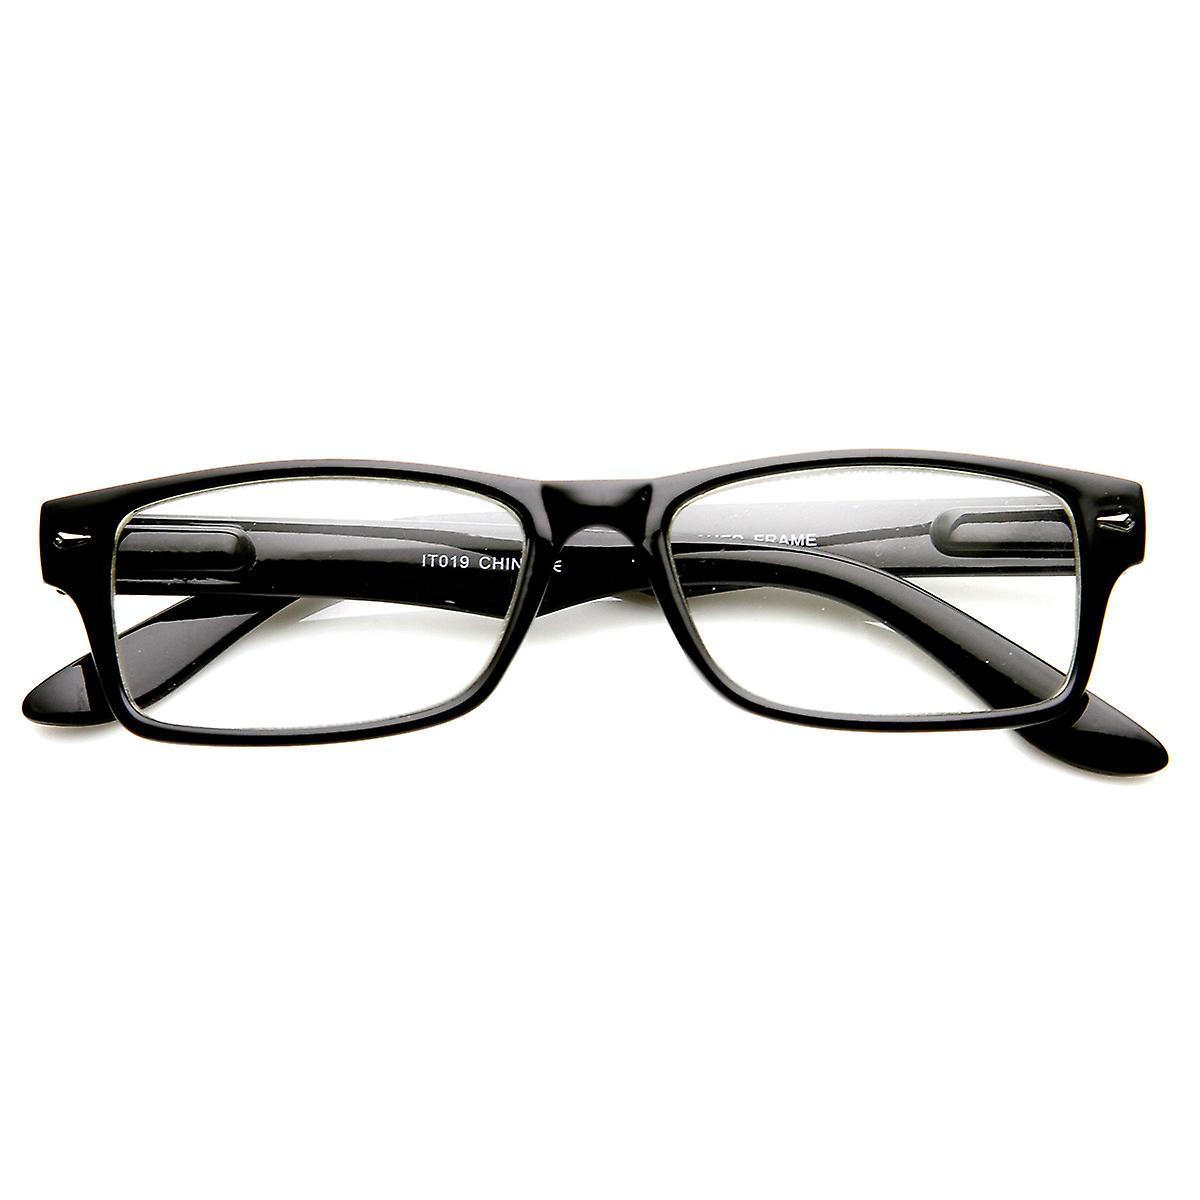 e13275716b5 Casual Fashion Horned Rim Rectangular Frame Clear Lens Eye Glasses ...